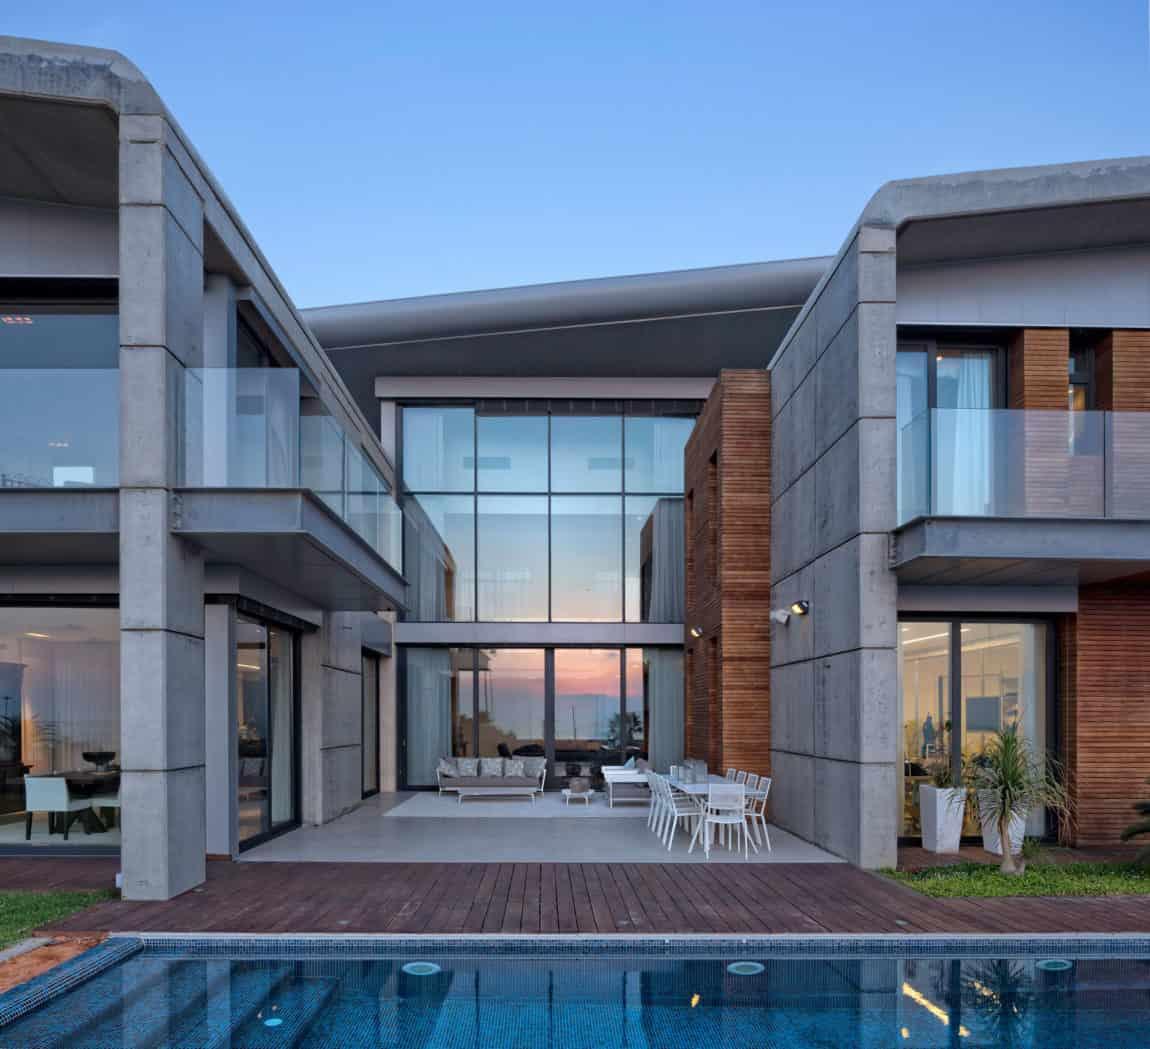 House in Ashdod by Nava Yavetz Architects (22)